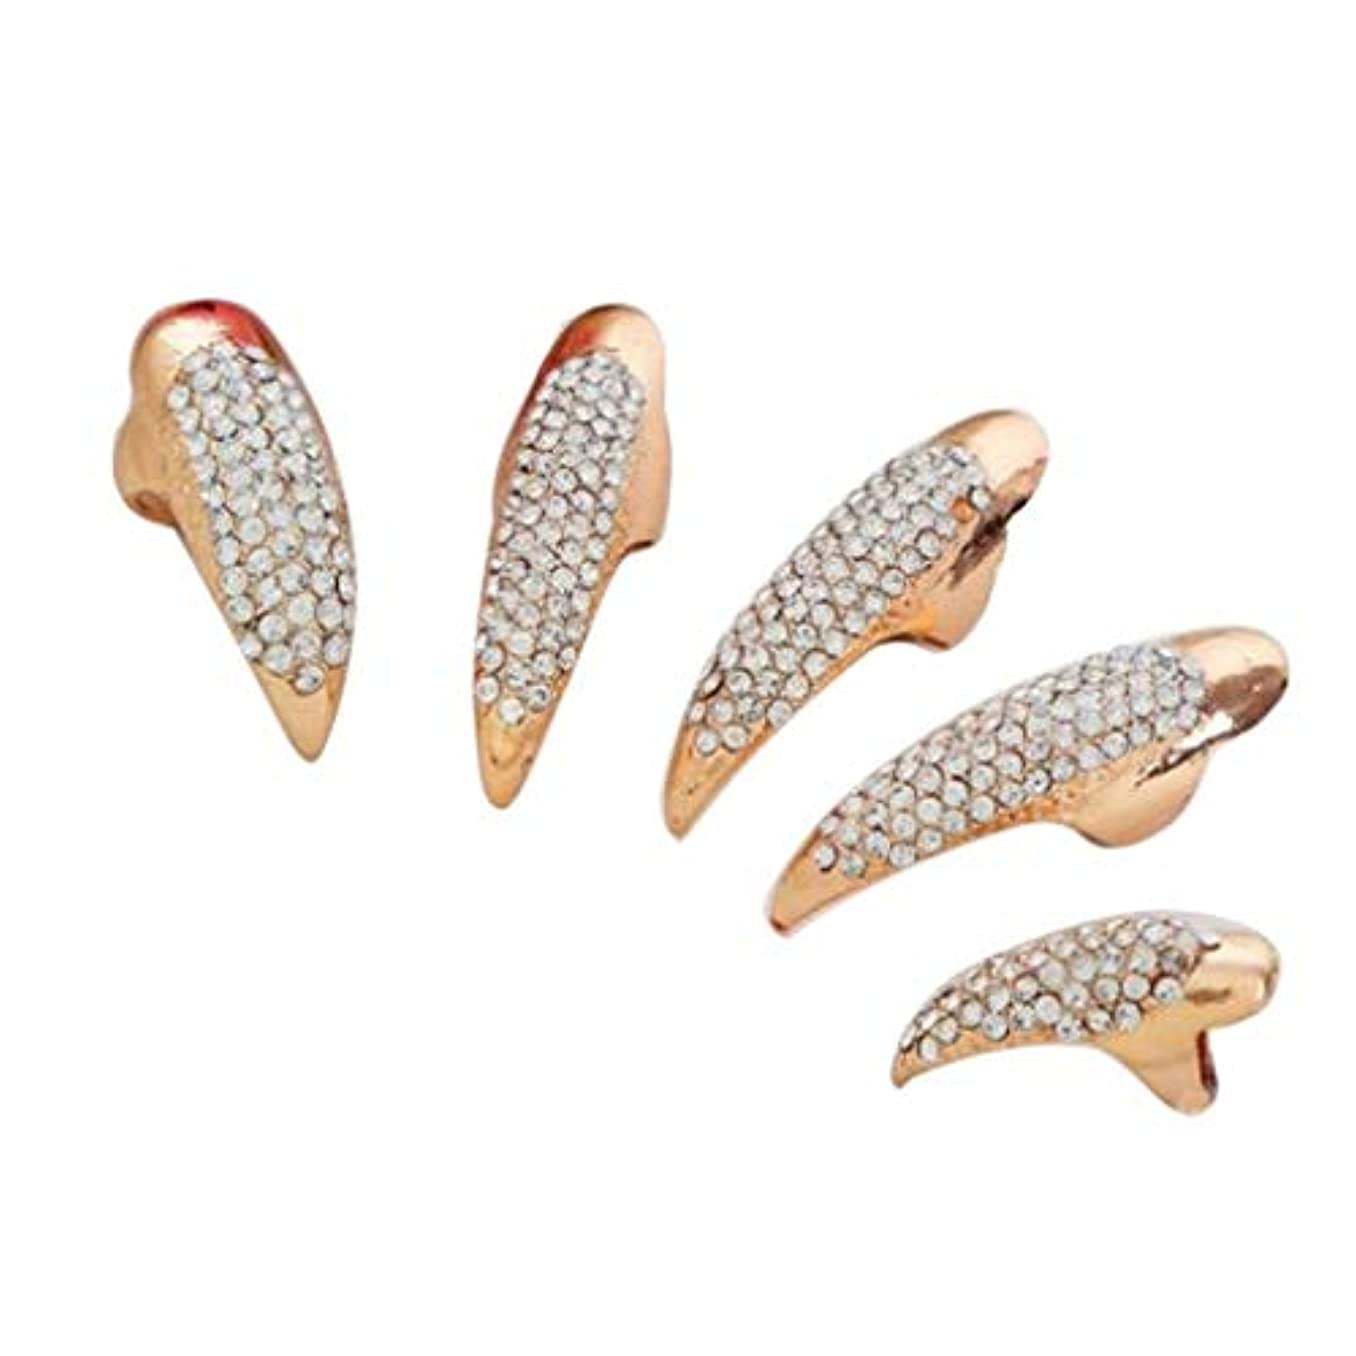 連鎖どっち気づかないSharplace 爪リング ネイルチップ ネイルアート 人工の爪 曲げ爪 コスプレ パーティー 2色選べ - ゴールデン